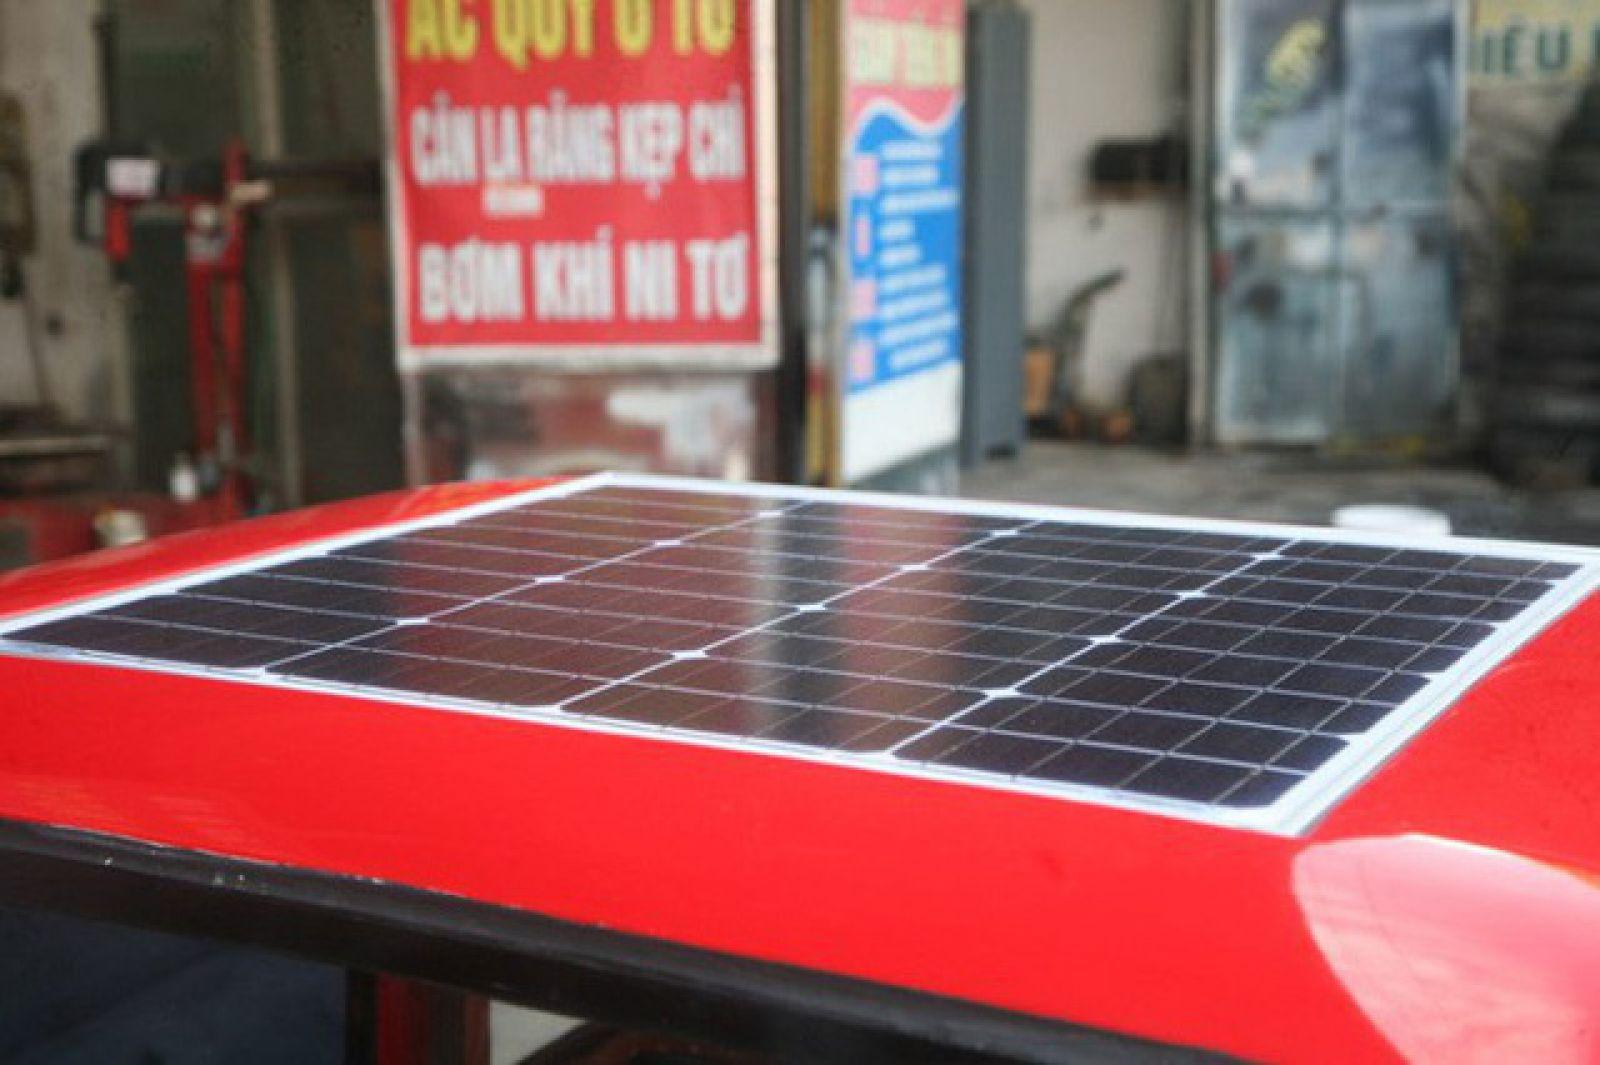 Xe được chạy bằng pin năng lượng mặt trời.